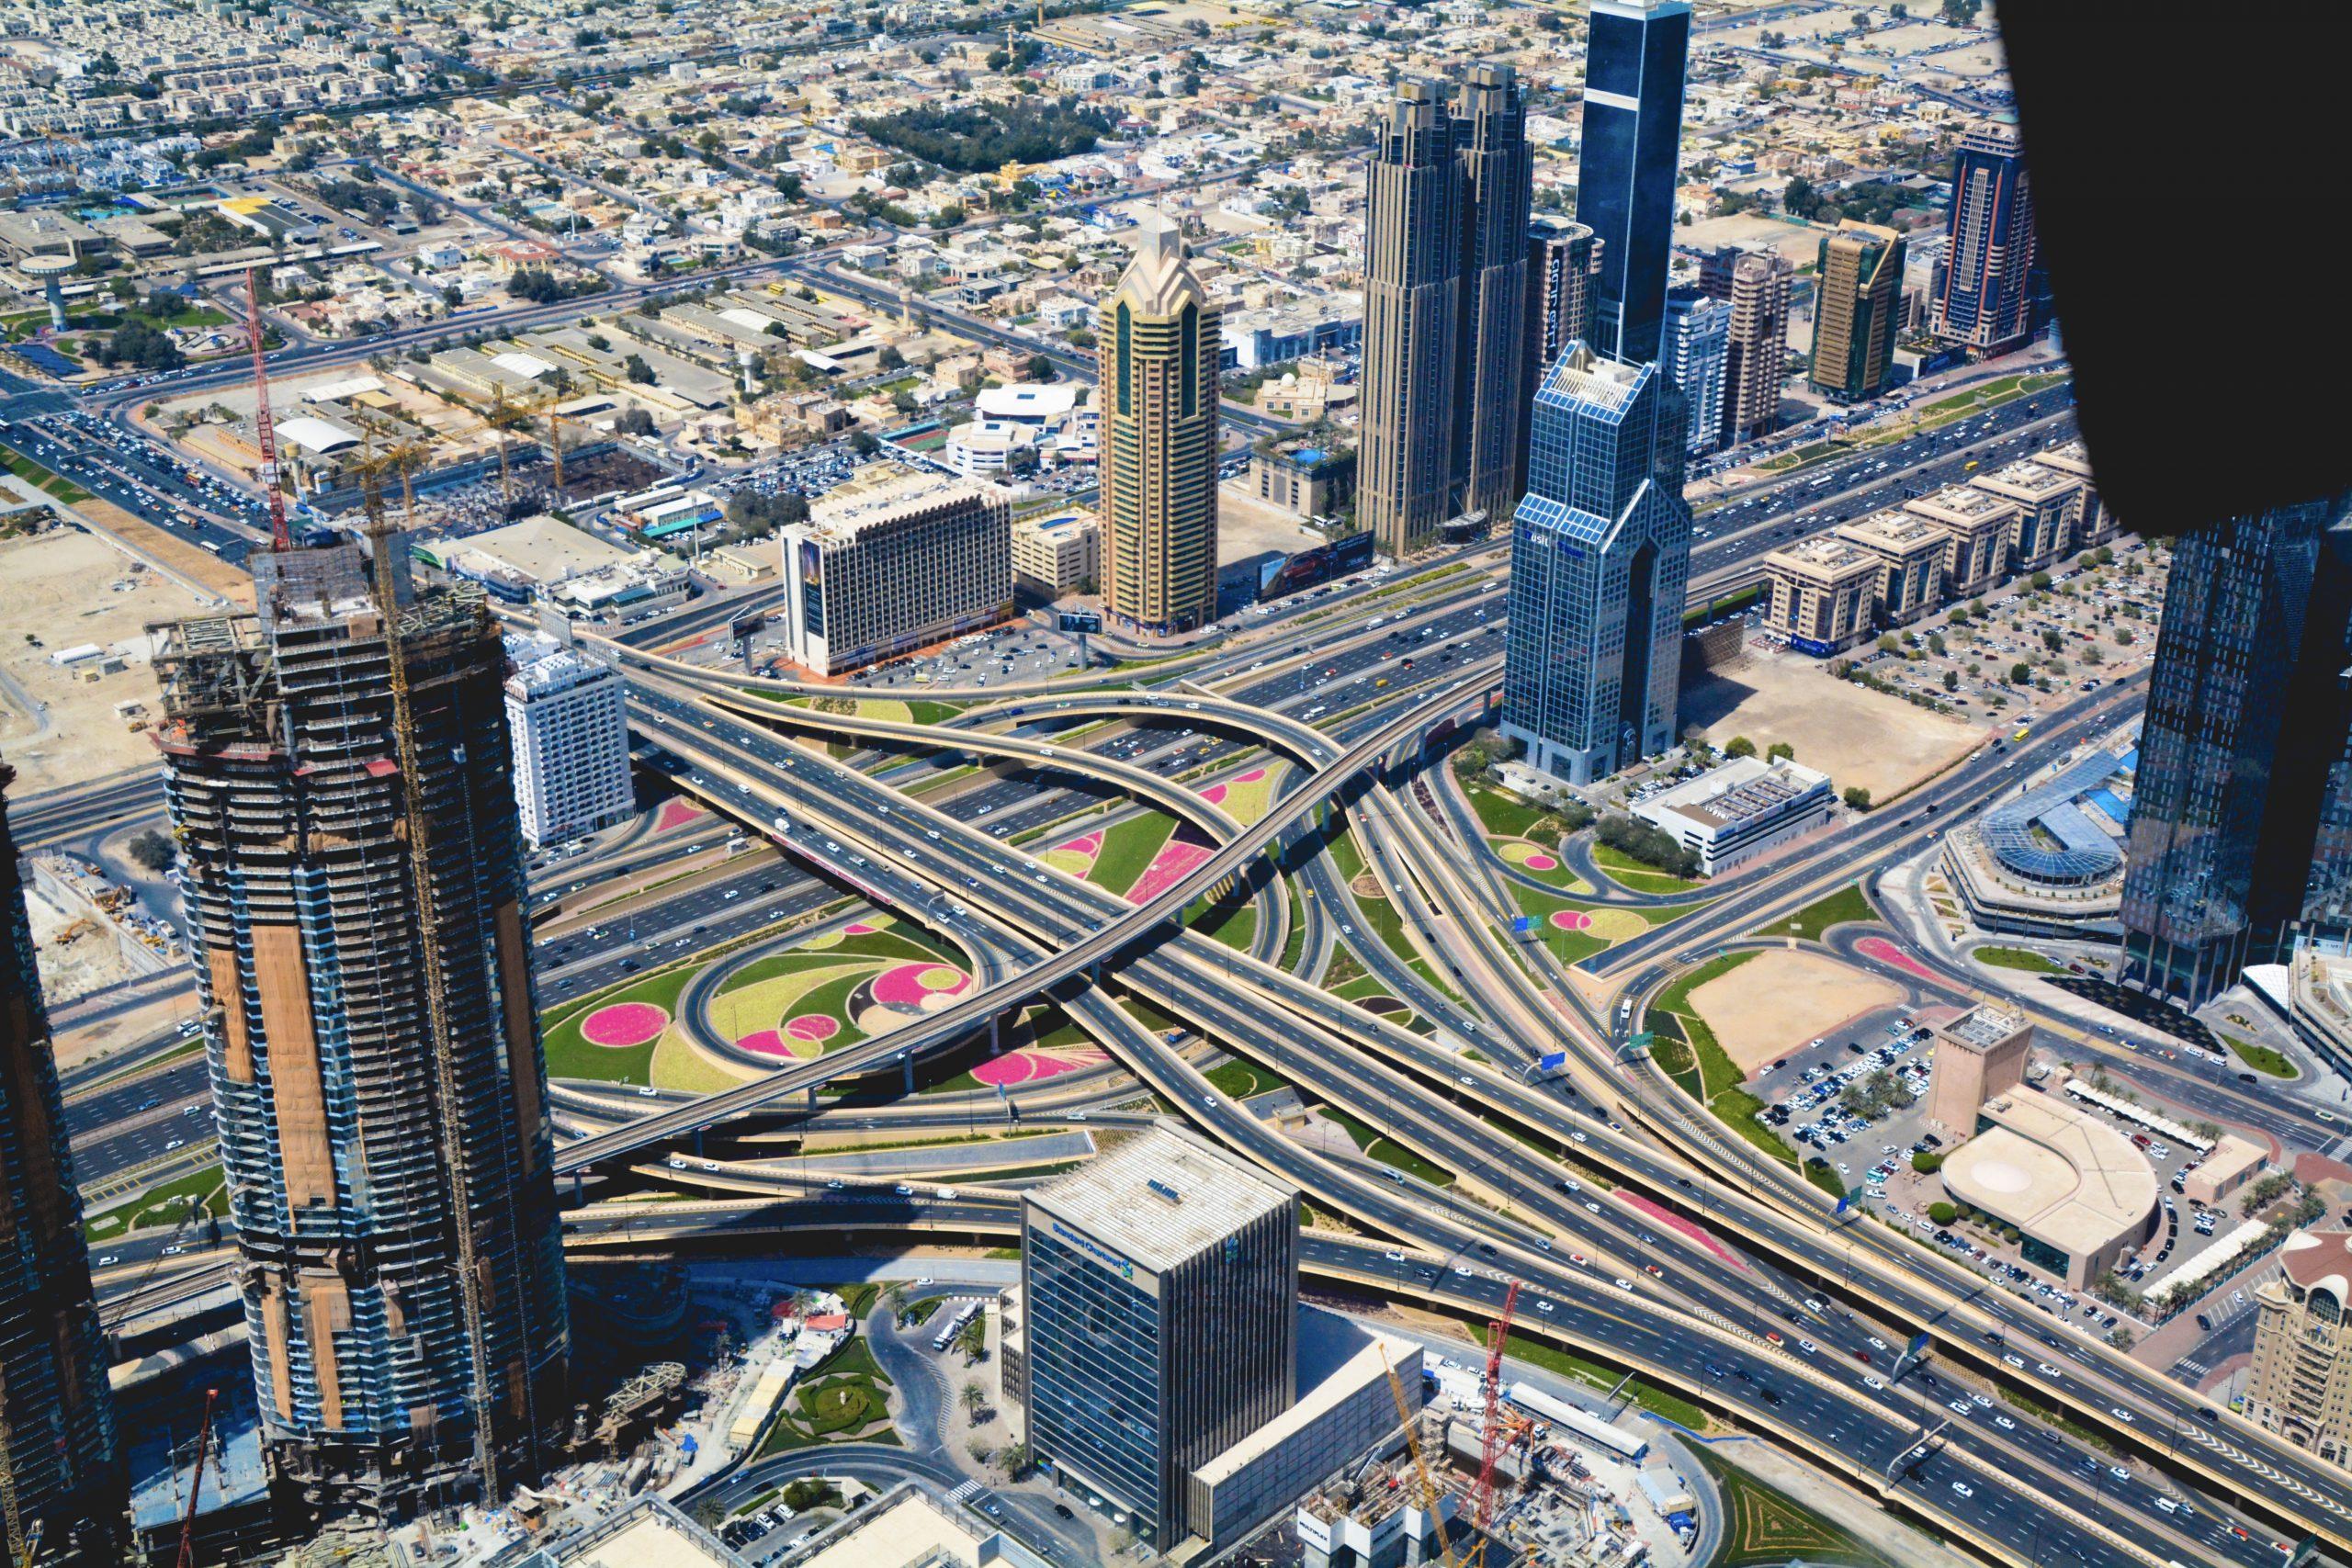 Roads of Abu Dhabi